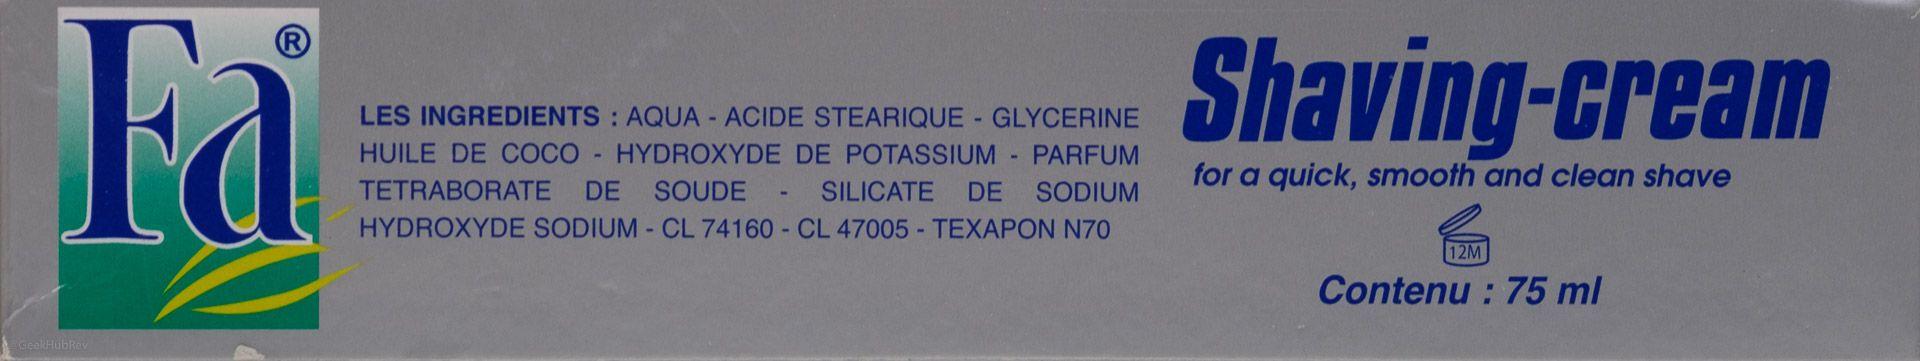 Skład kremu do golenia Fa Crème à raser (shaving cream)